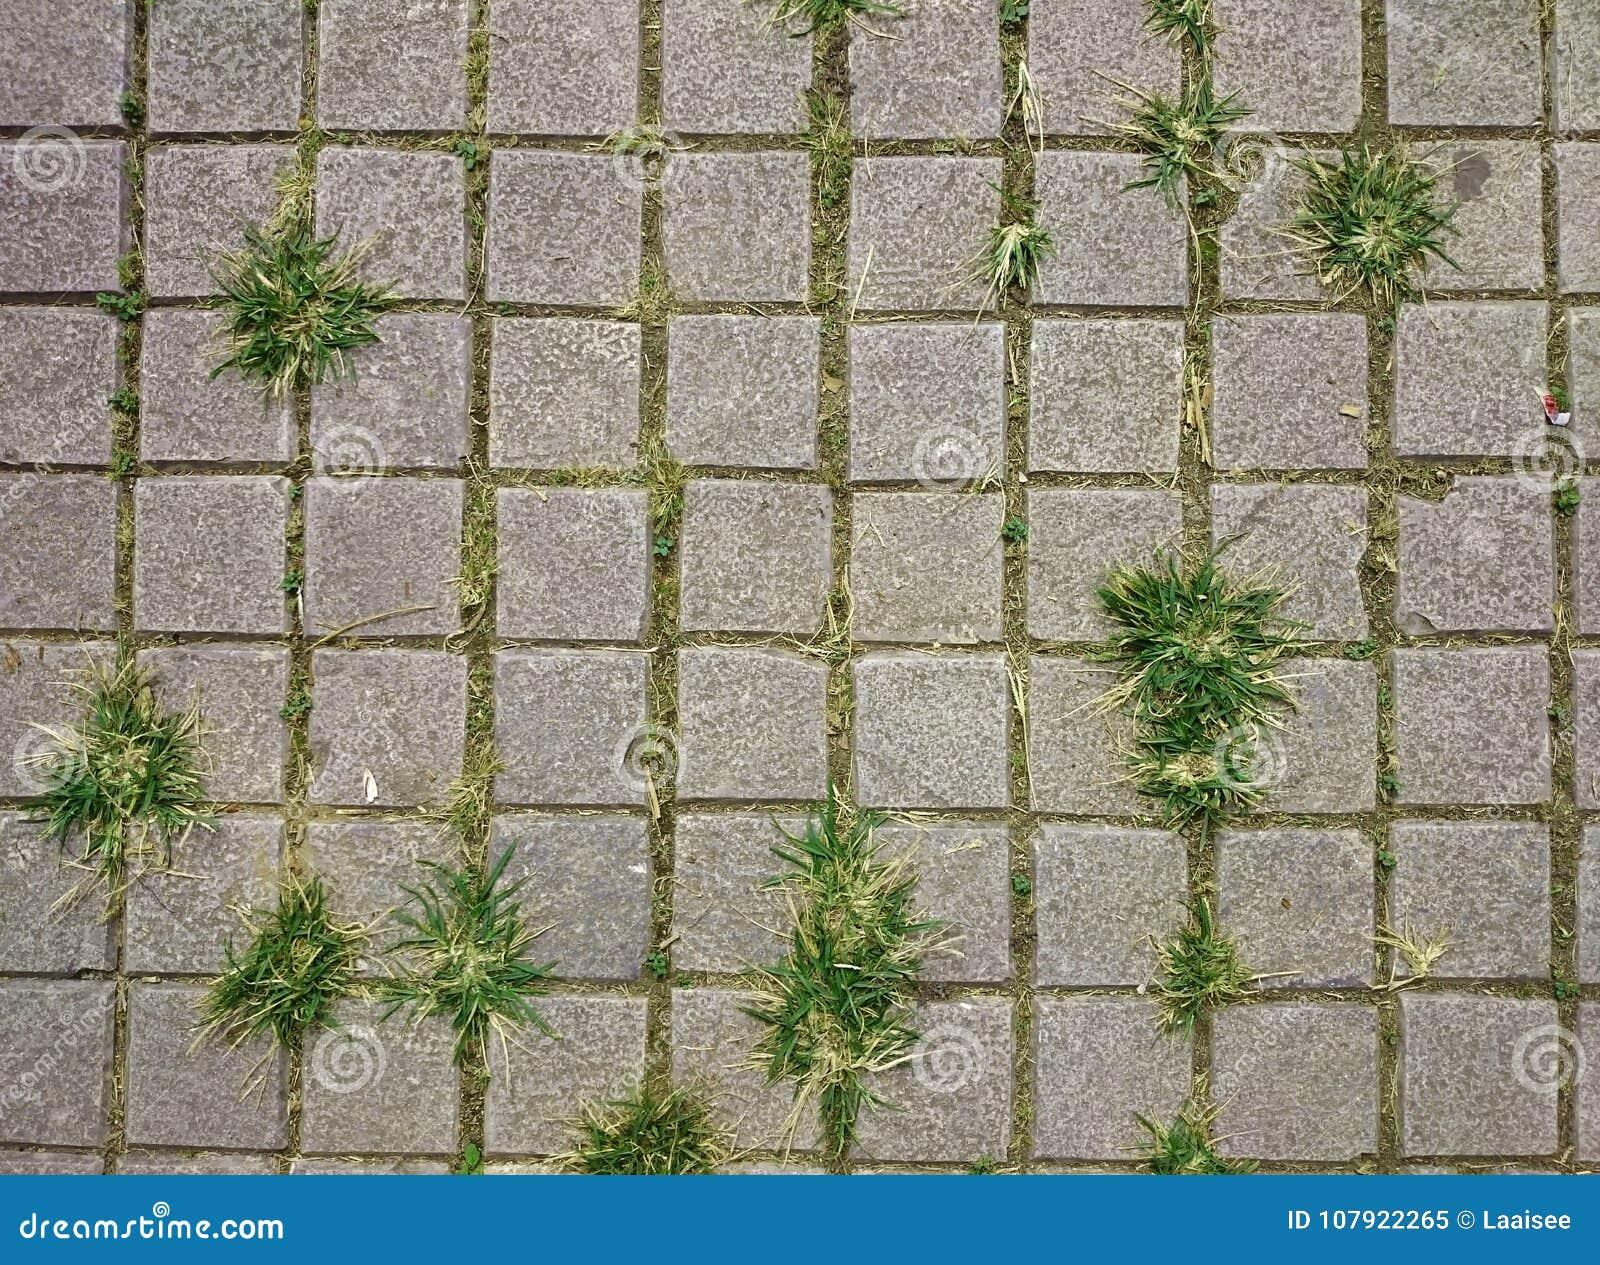 Mattonelle grige quadrate sul pavimento con erba verde e muschio